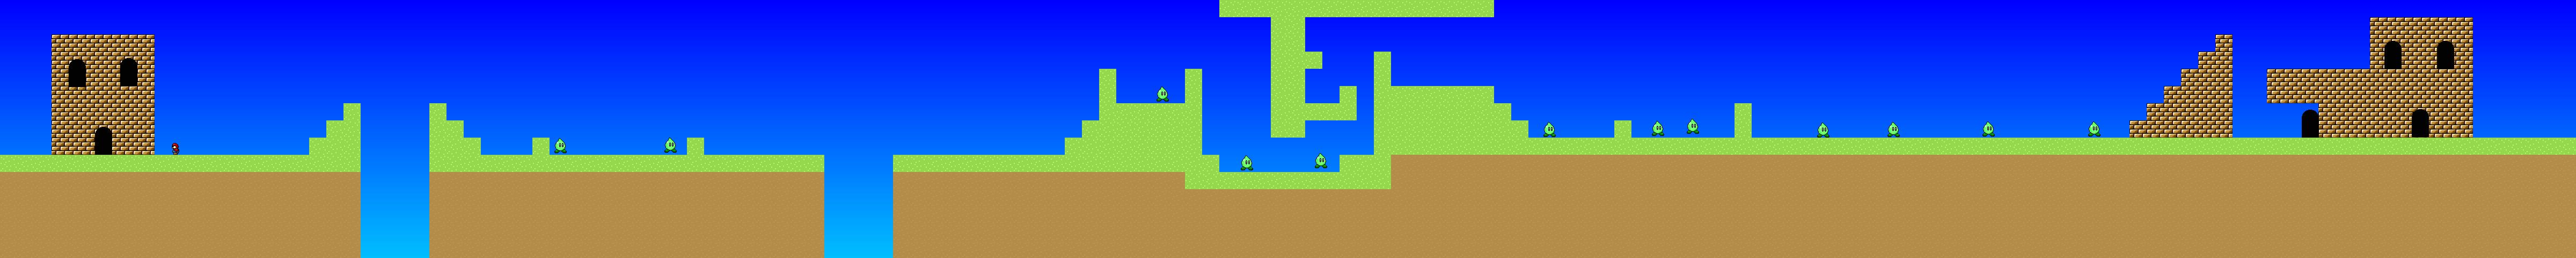 Play Derek's Mario World